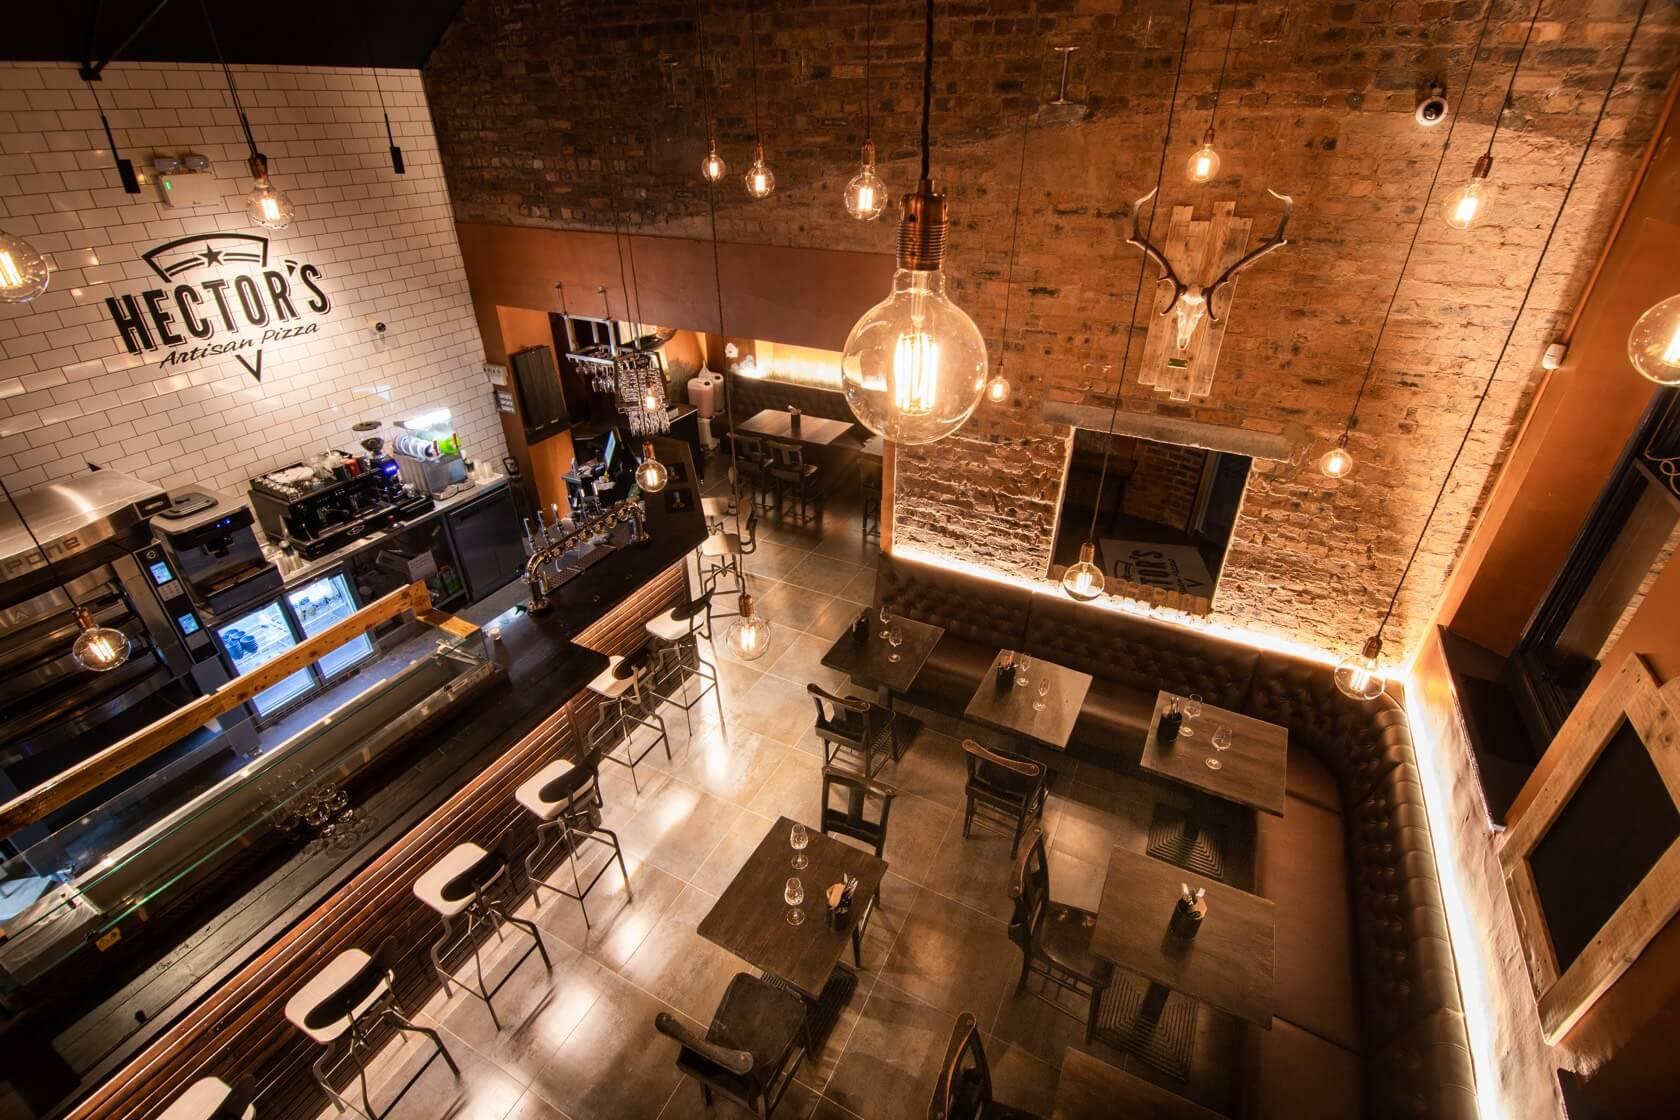 Hector's Artisan Pizza 12, Dunbar - C&G Development